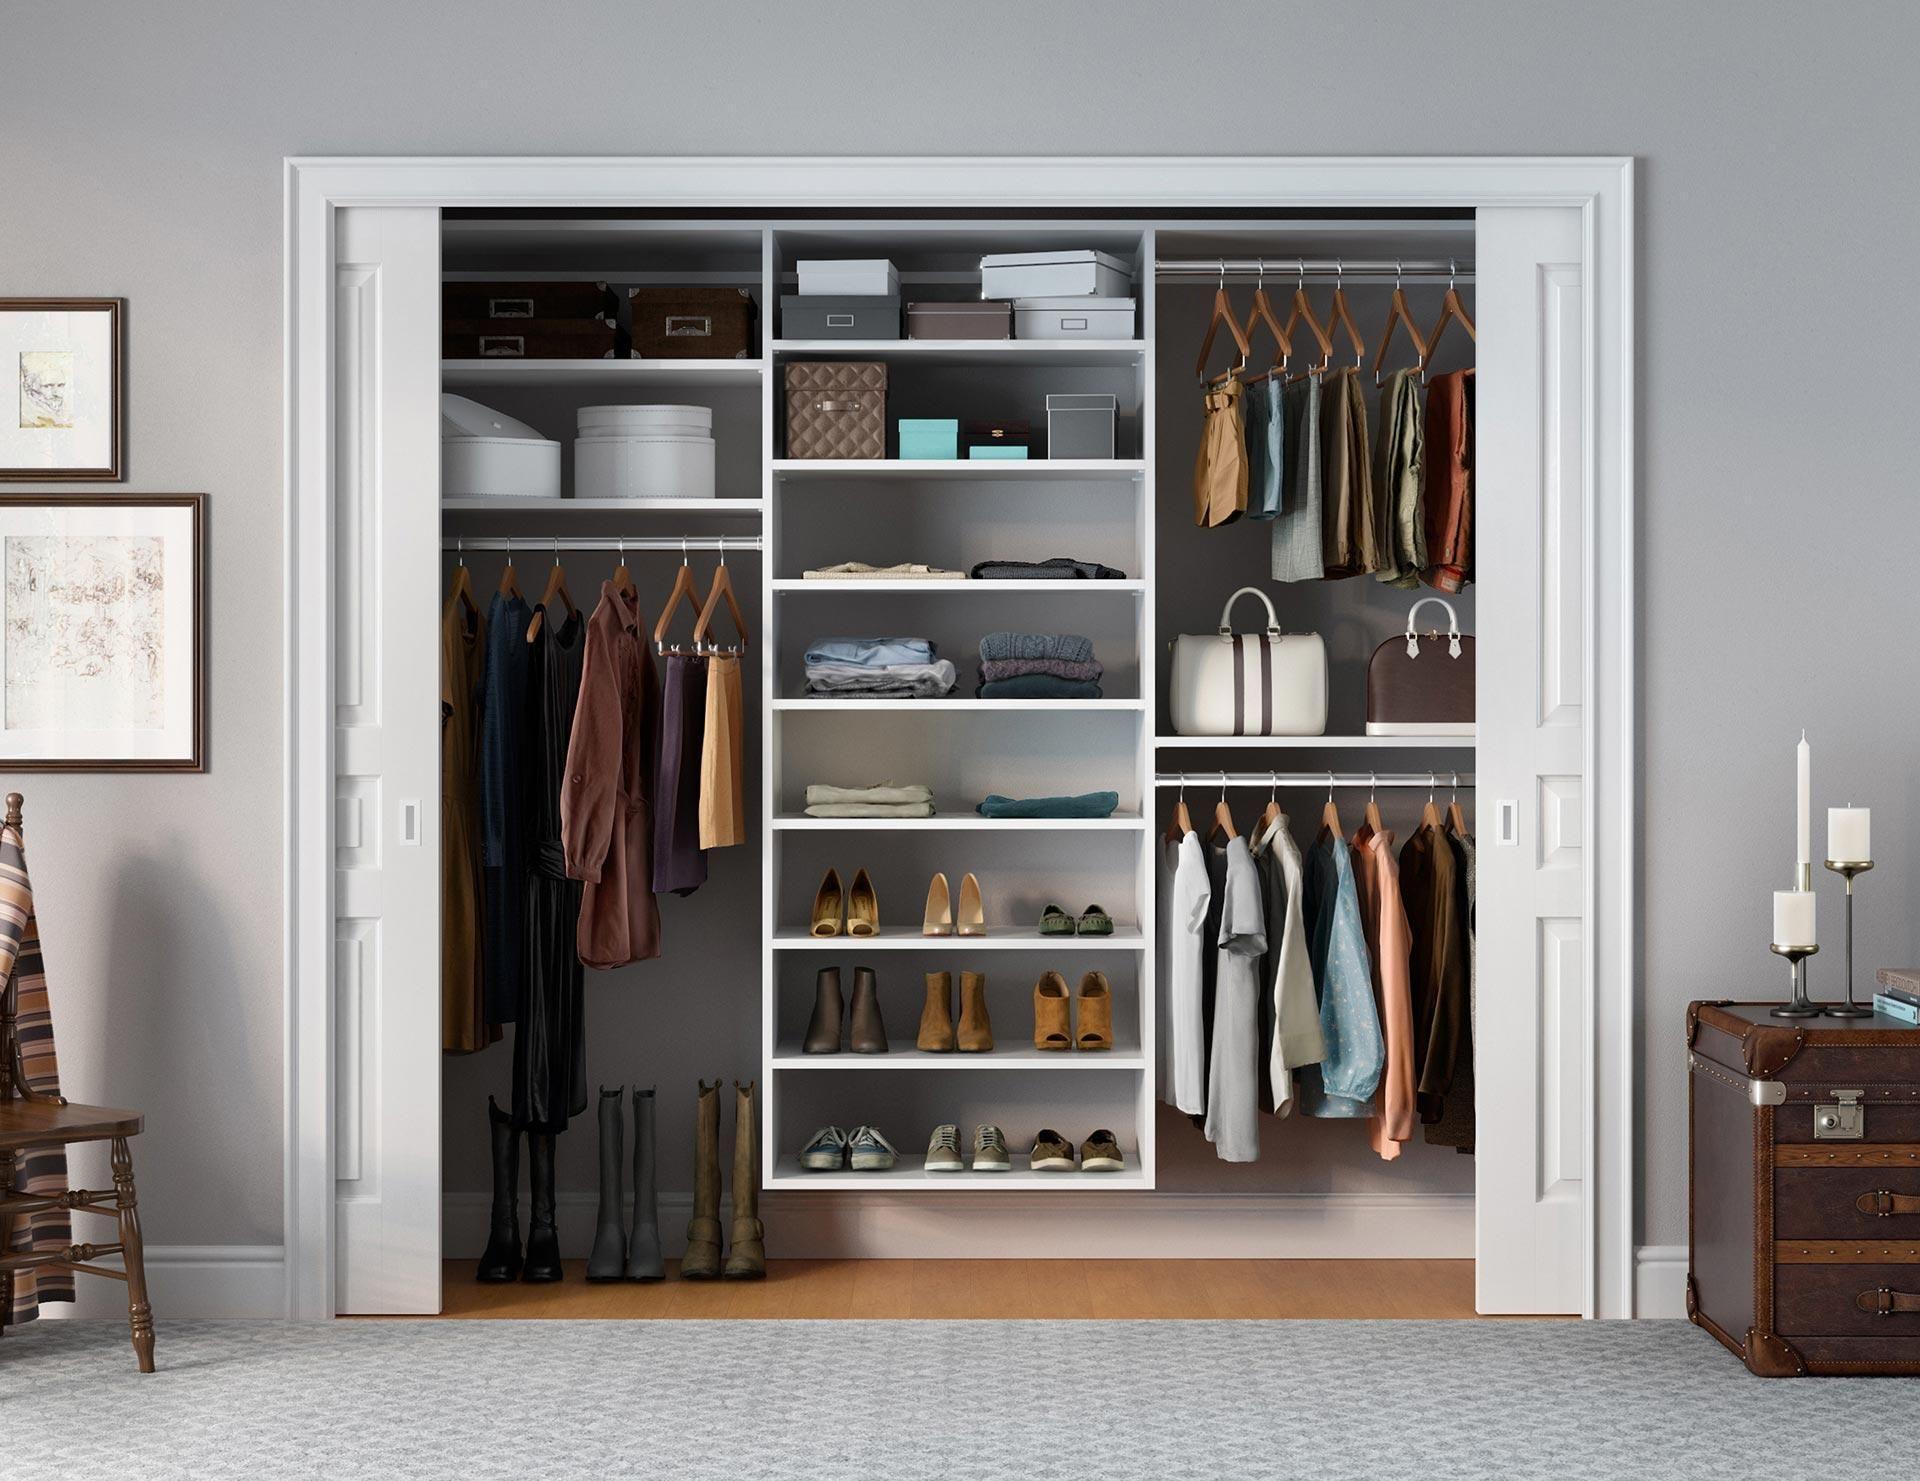 Reach In Closet Systems Closet De Pared Diseno De Armario